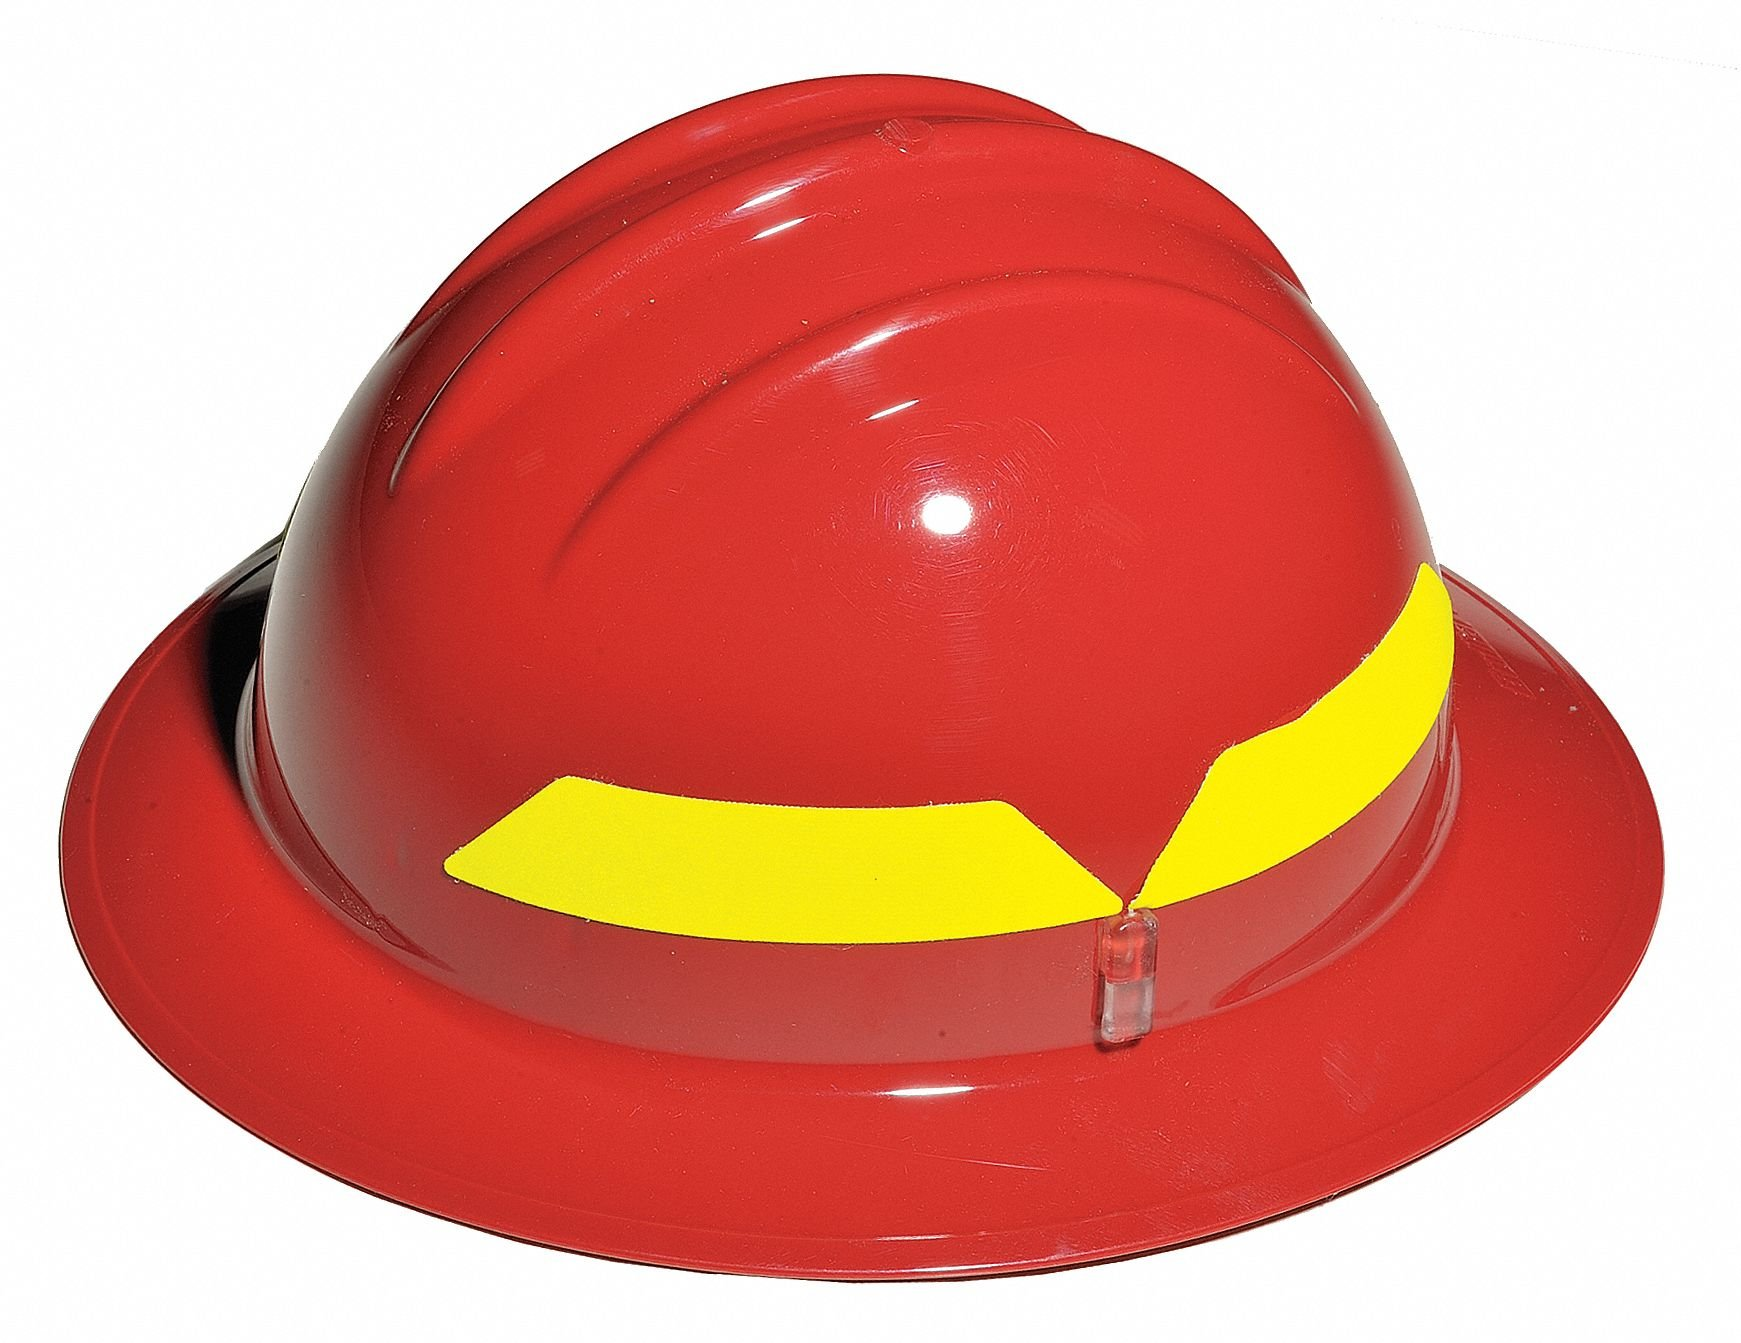 Fire Helmet, Red, Full-Brim by Bullard (Image #1)